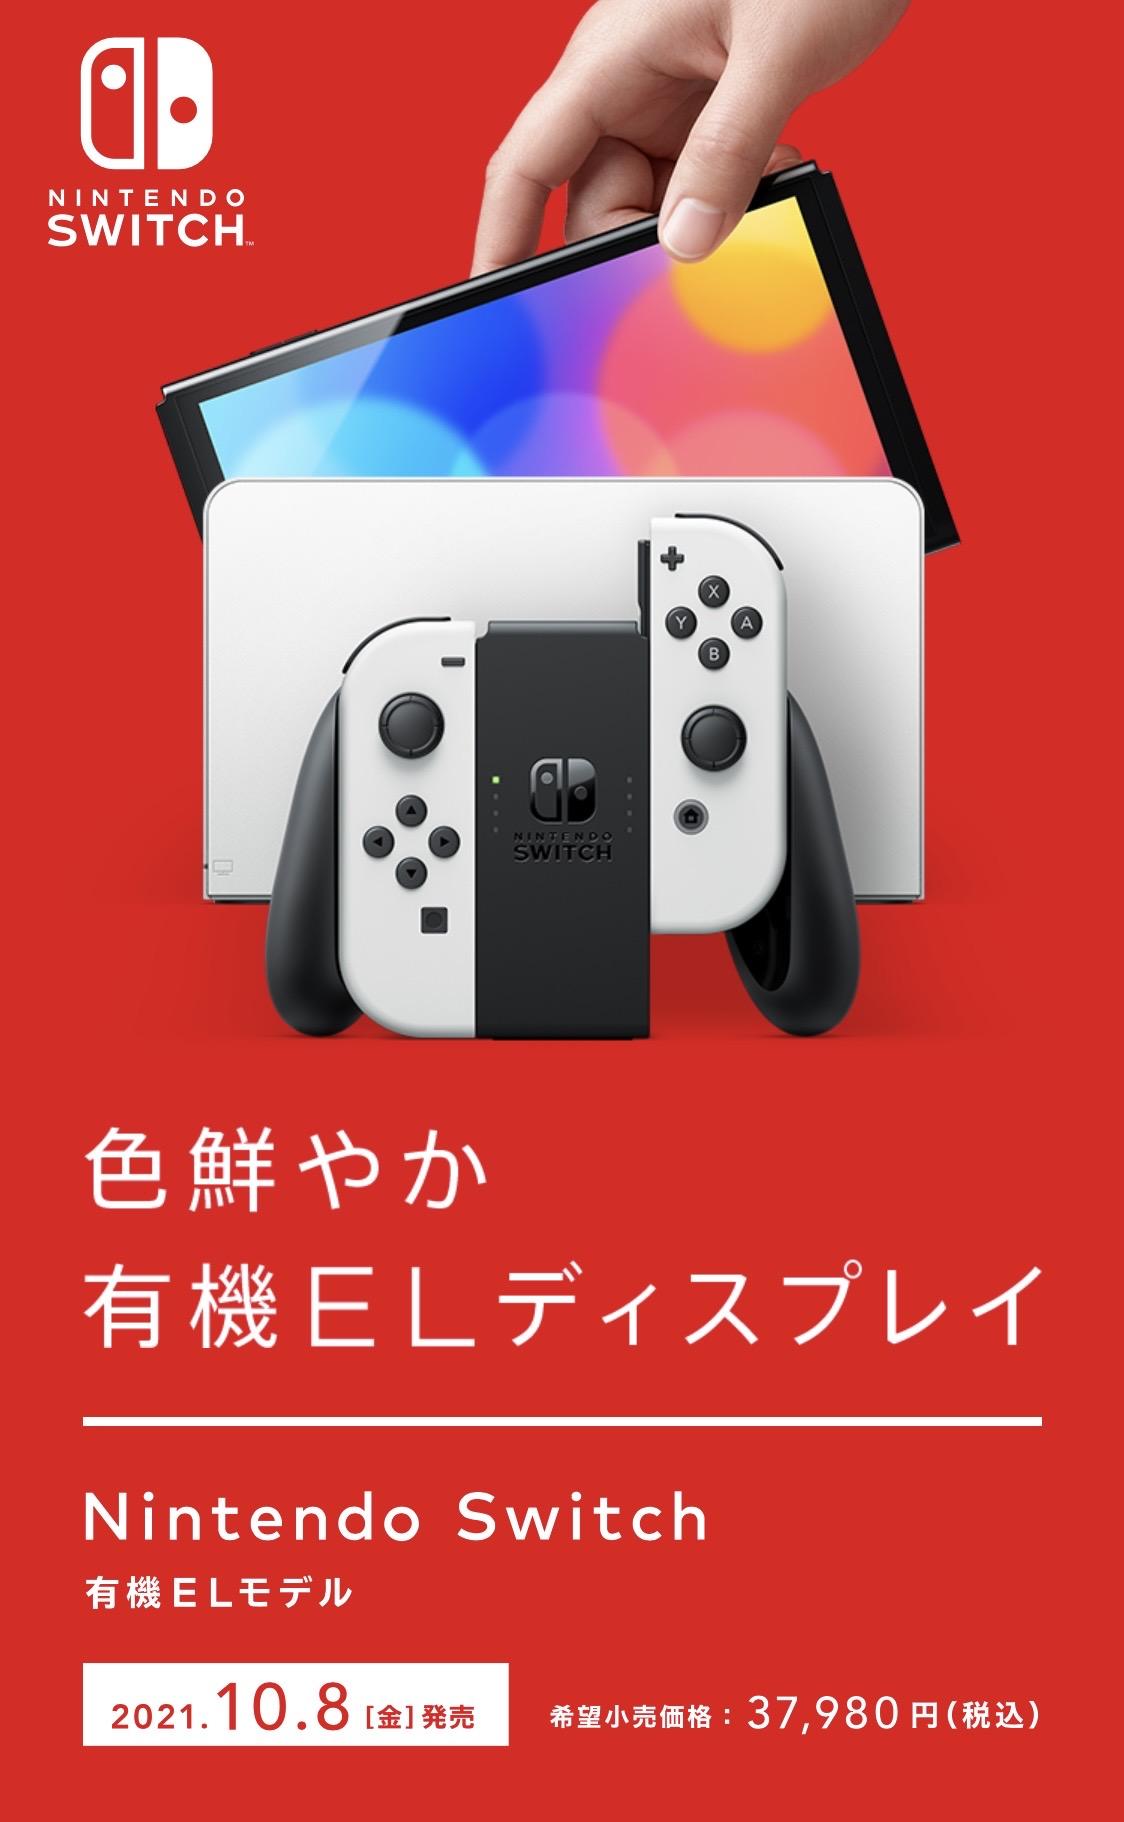 【原神】新型Switch、性能変わらないから原神来ない